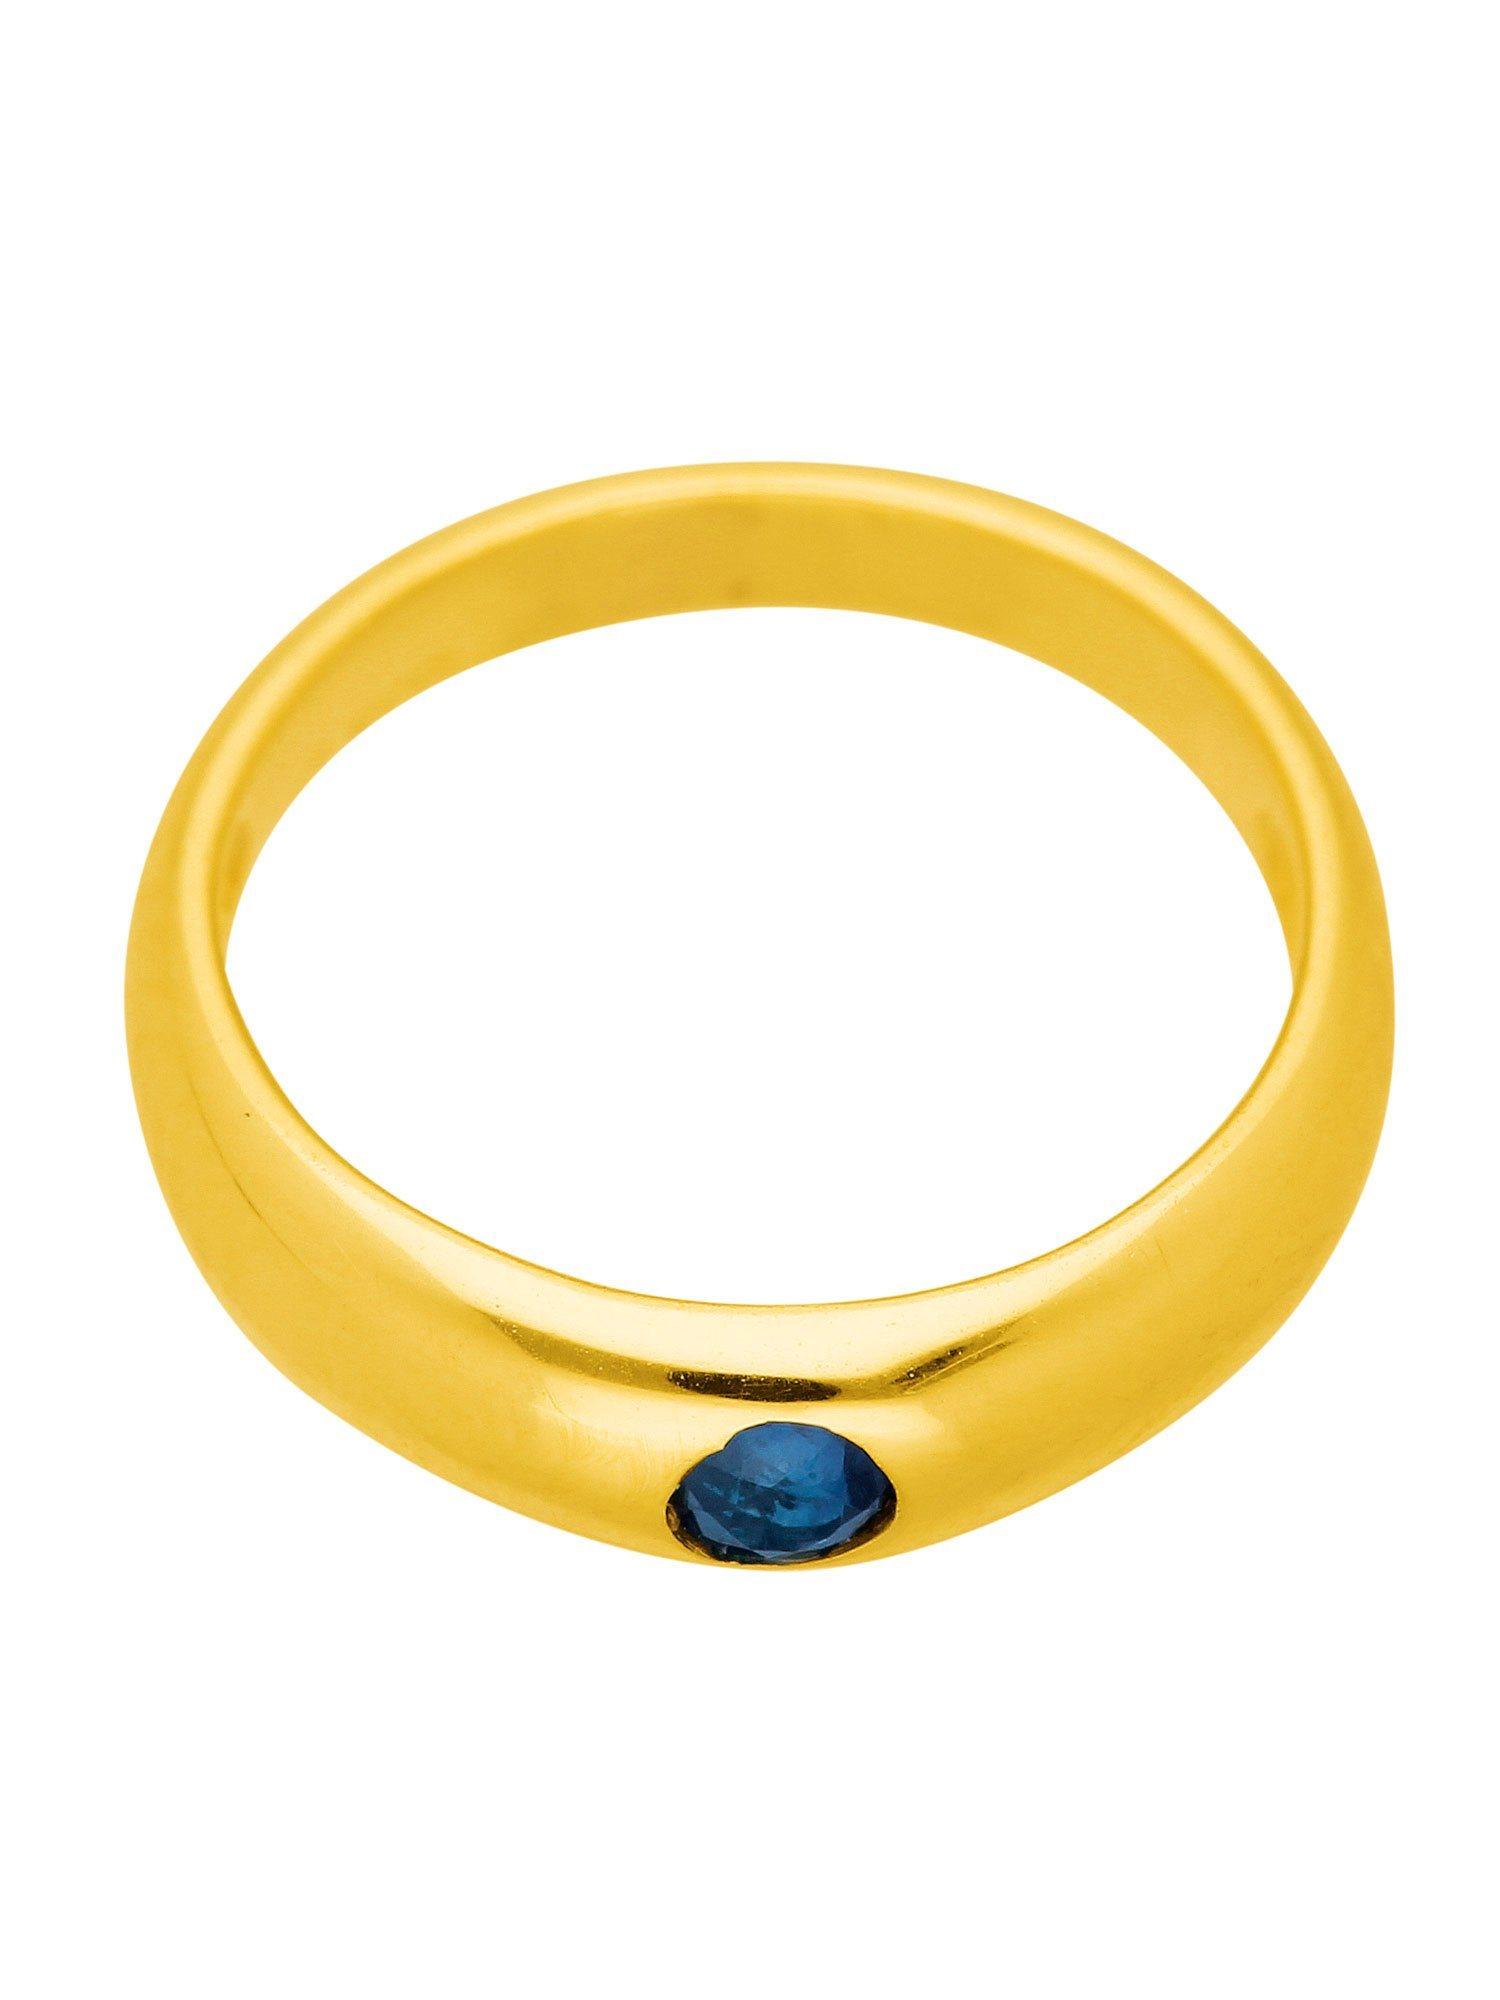 Adelia´s Kettenanhänger »Gold Anhänger« Taufring 8 k 333 Gelbgold mit Safir Ø 1.12 cm | Schmuck > Halsketten > Ketten ohne Anhänger | Adelia´s